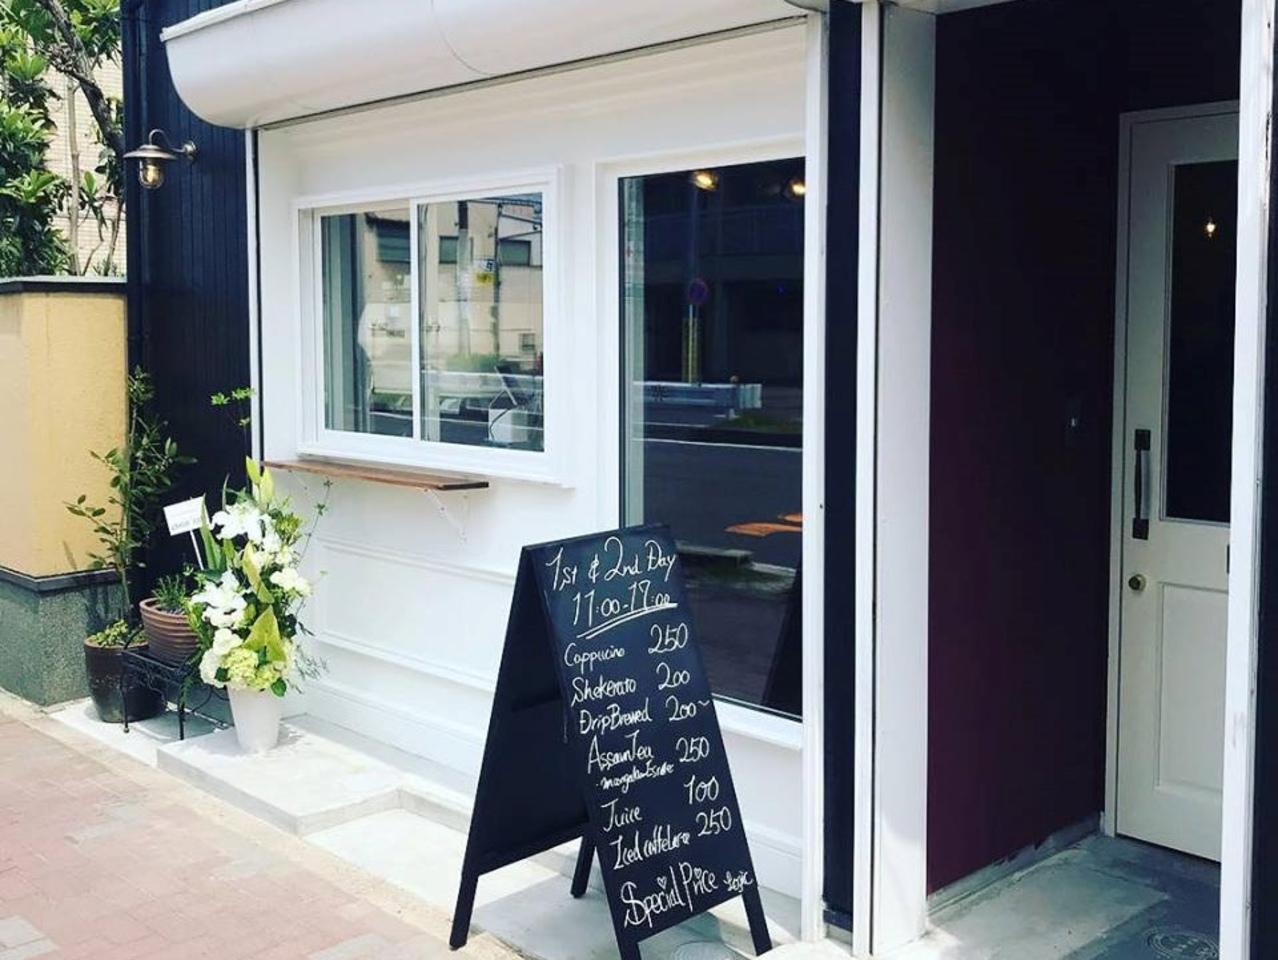 今こそ飲むべし...名古屋市西区則武新町3丁目にカフェ「ロジック」プレオープン